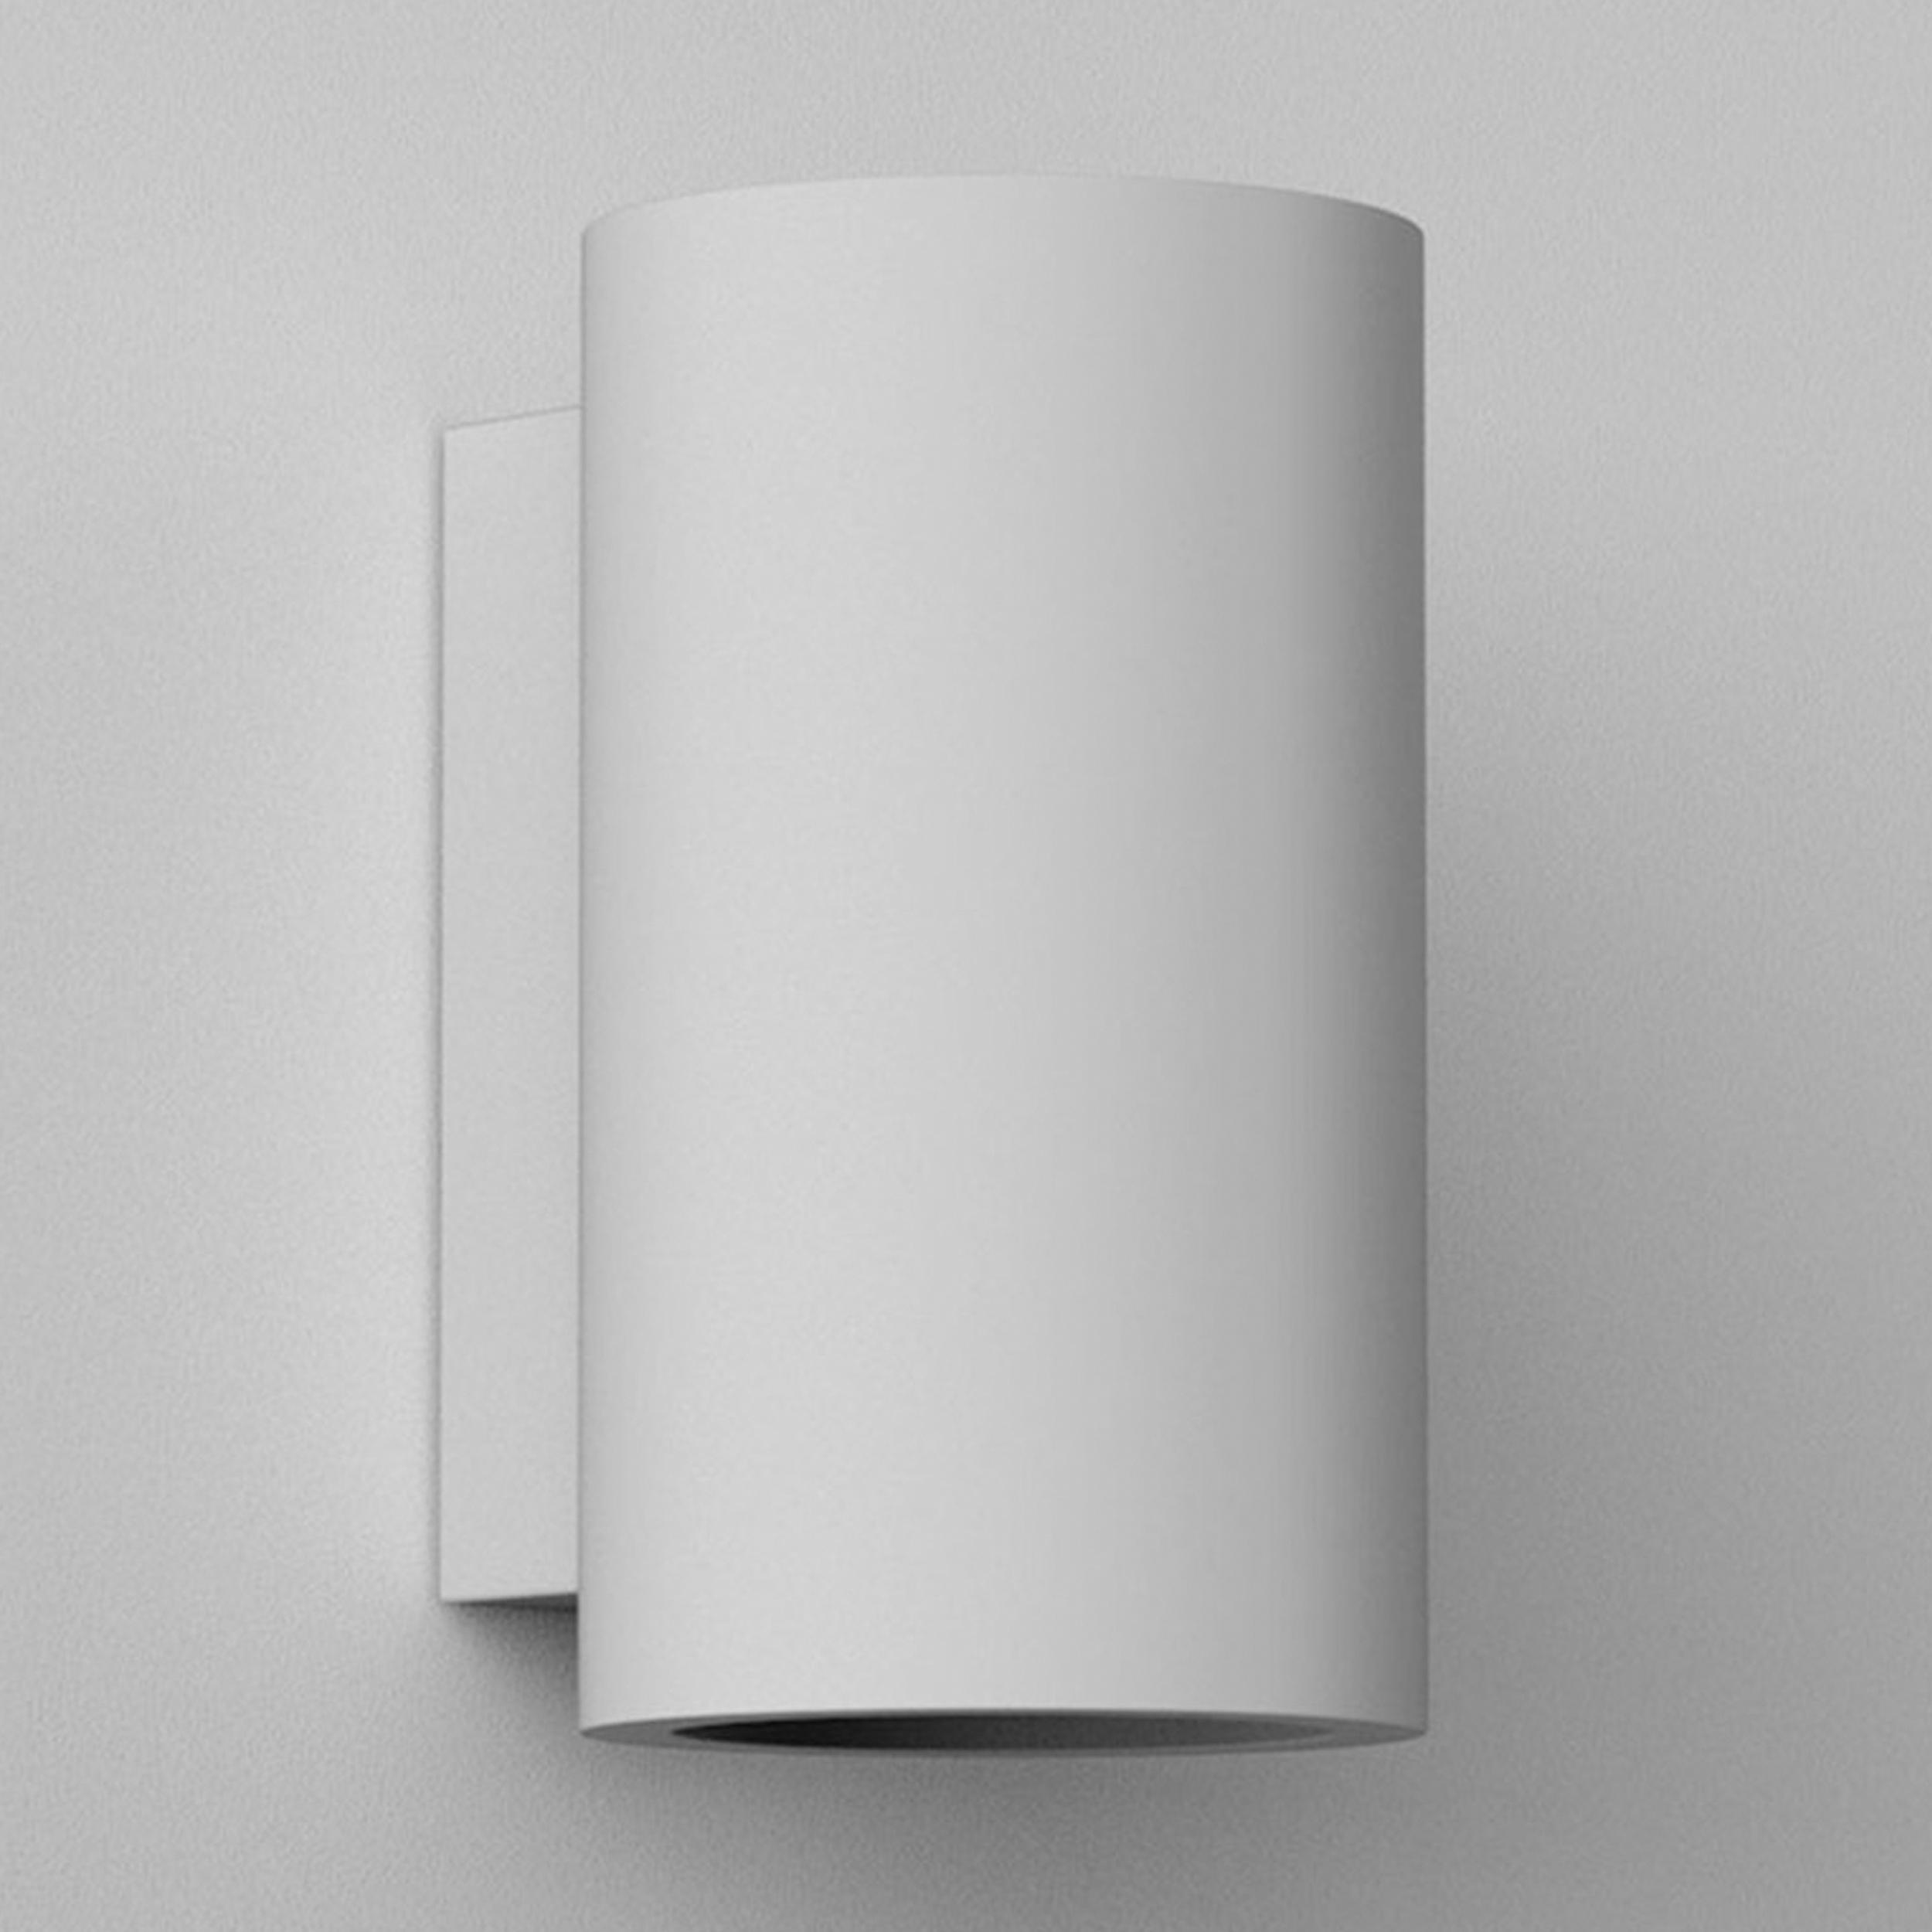 Astro Bologna 240 Led Wall Light White Plaster C